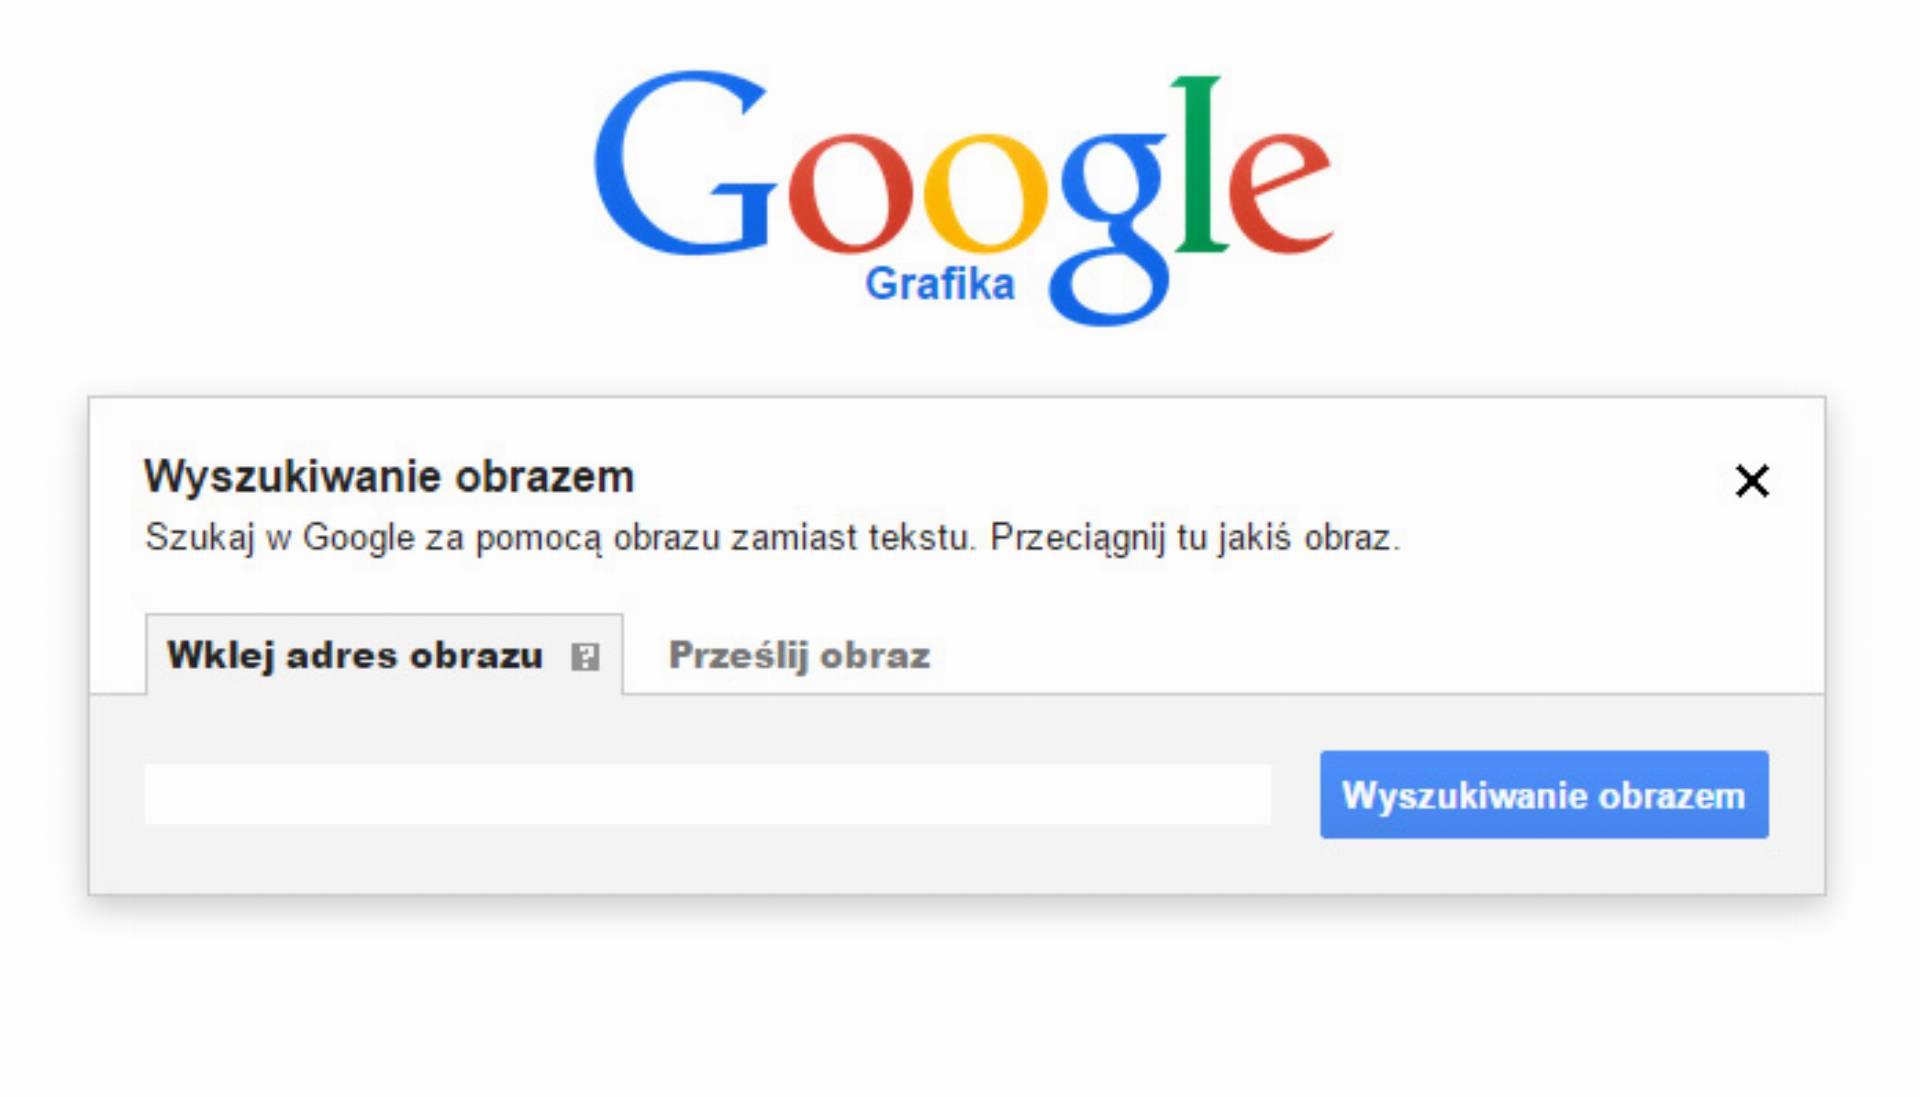 Как найти человека по фото в гугле 3